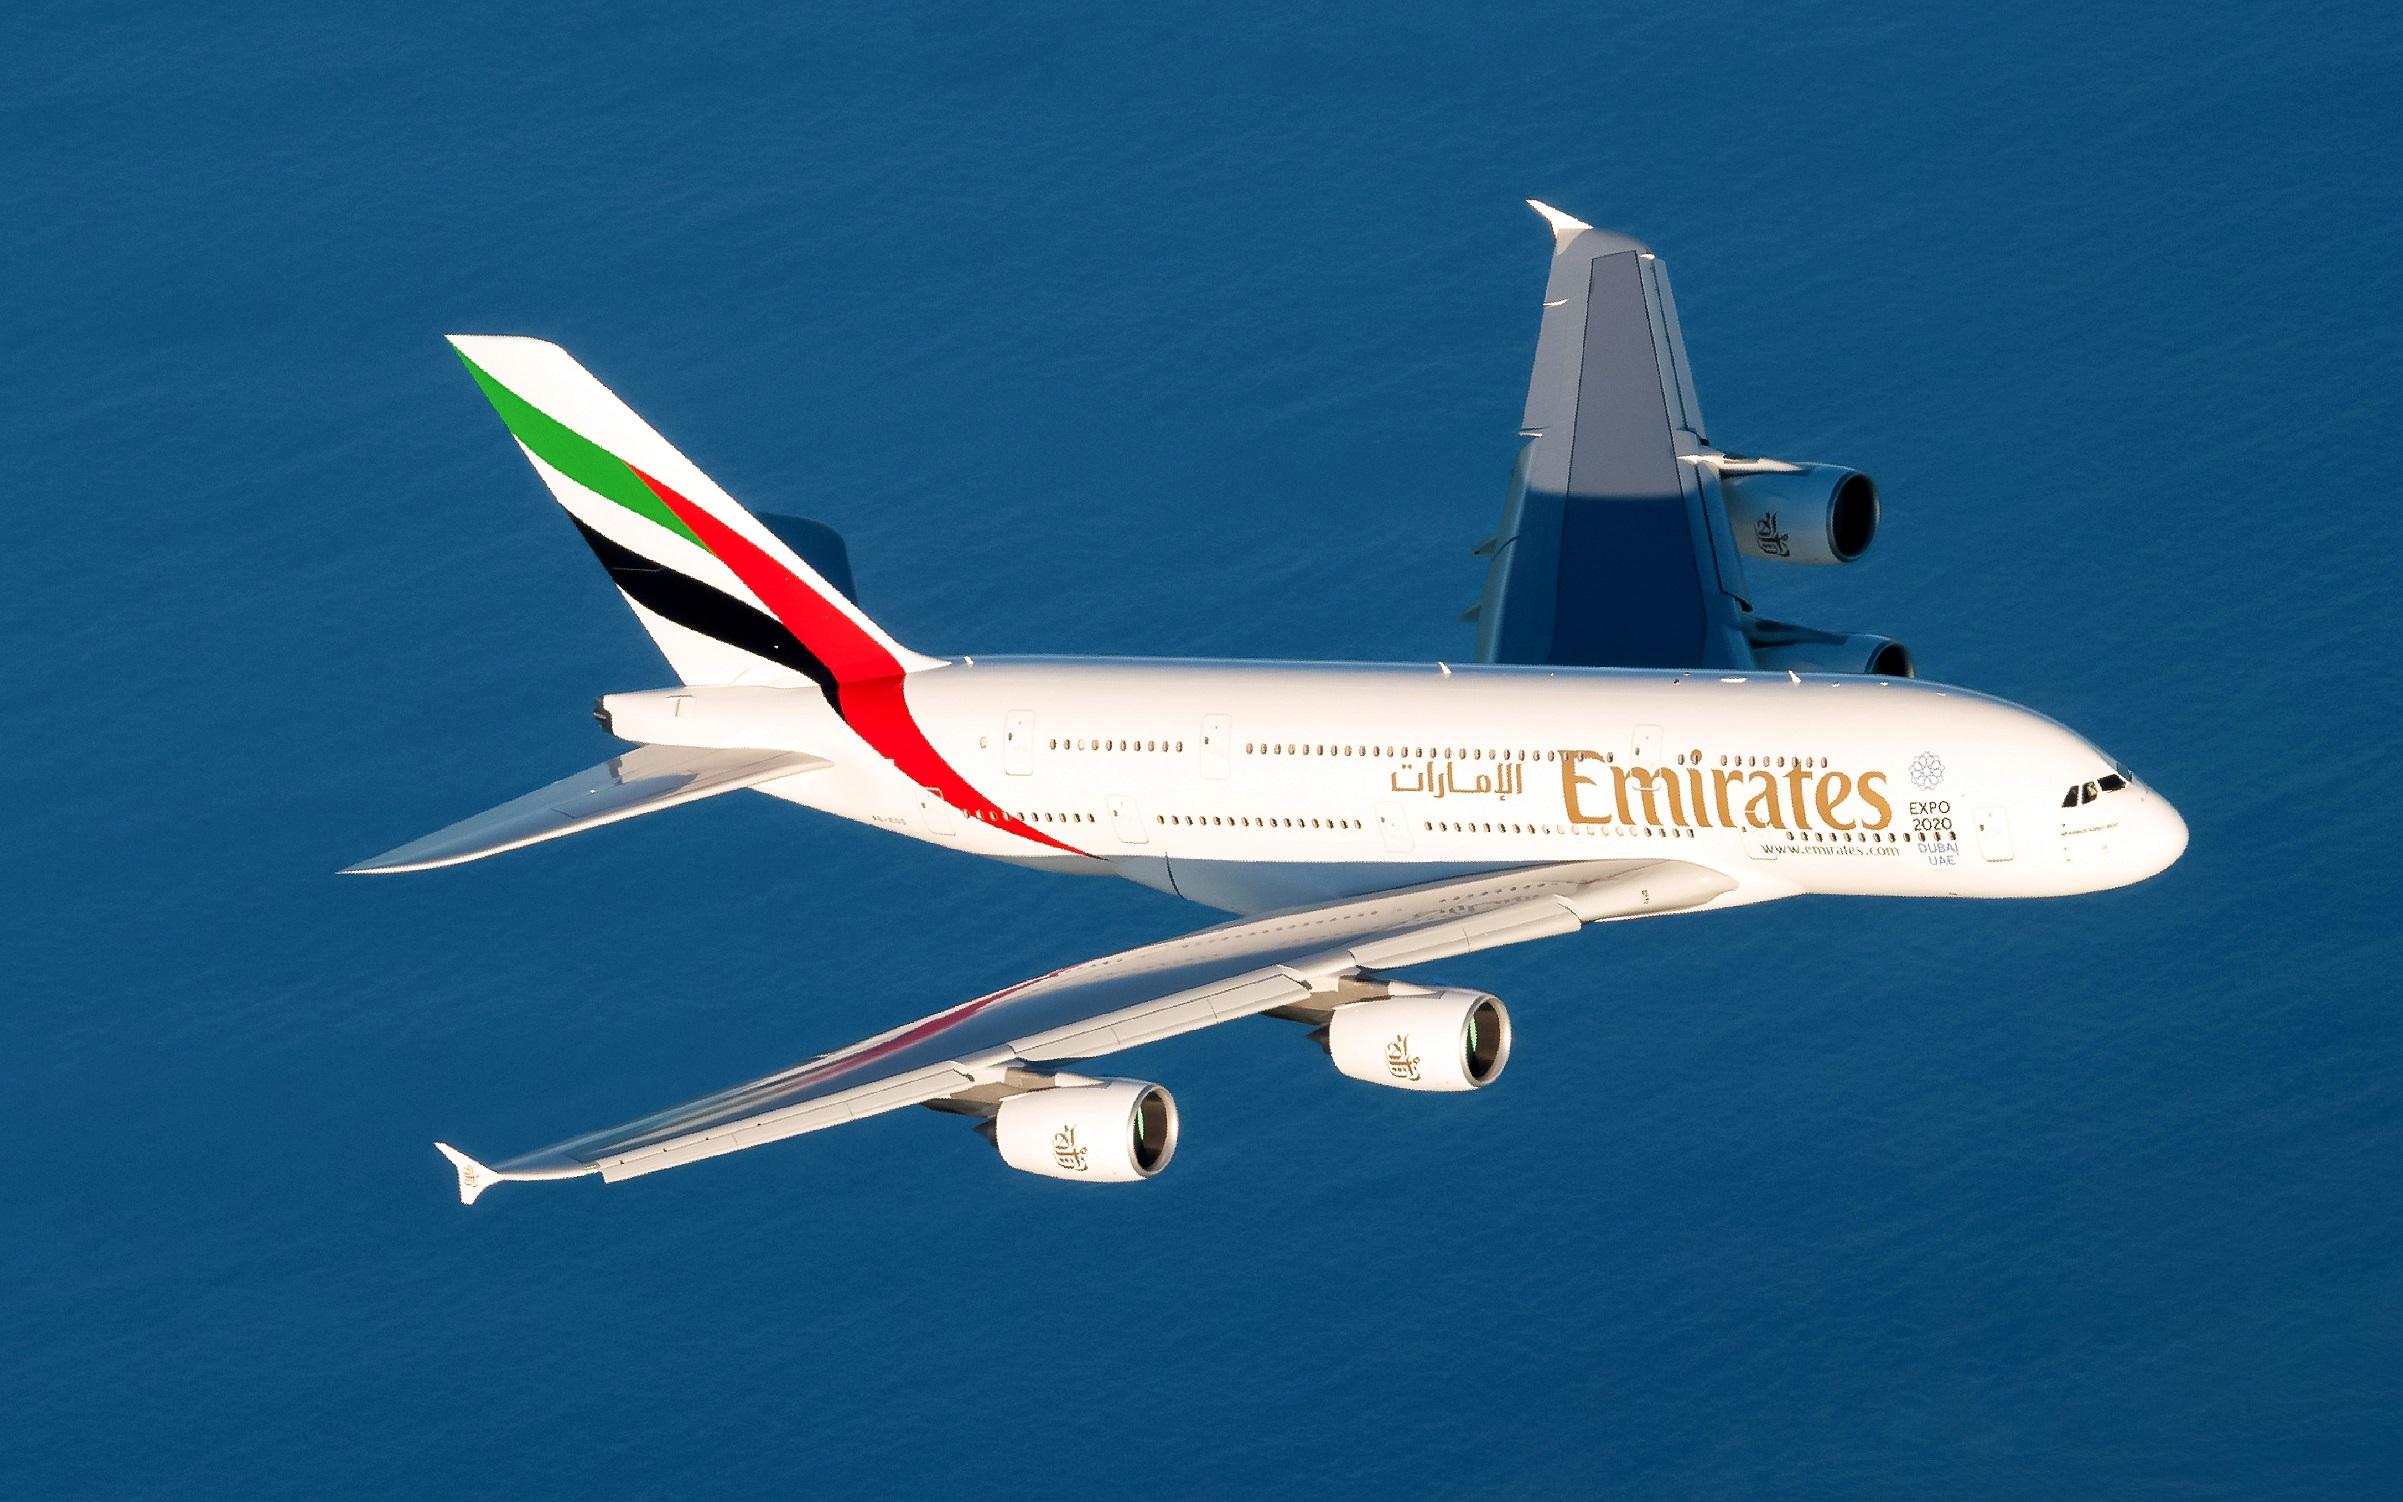 إحدى طائرات الإمارات الإيرباص A380. وتشغل طيران الإمارات هذا الطراز العملاق إلى جدة بمعدل 3 رحلات يومياً.